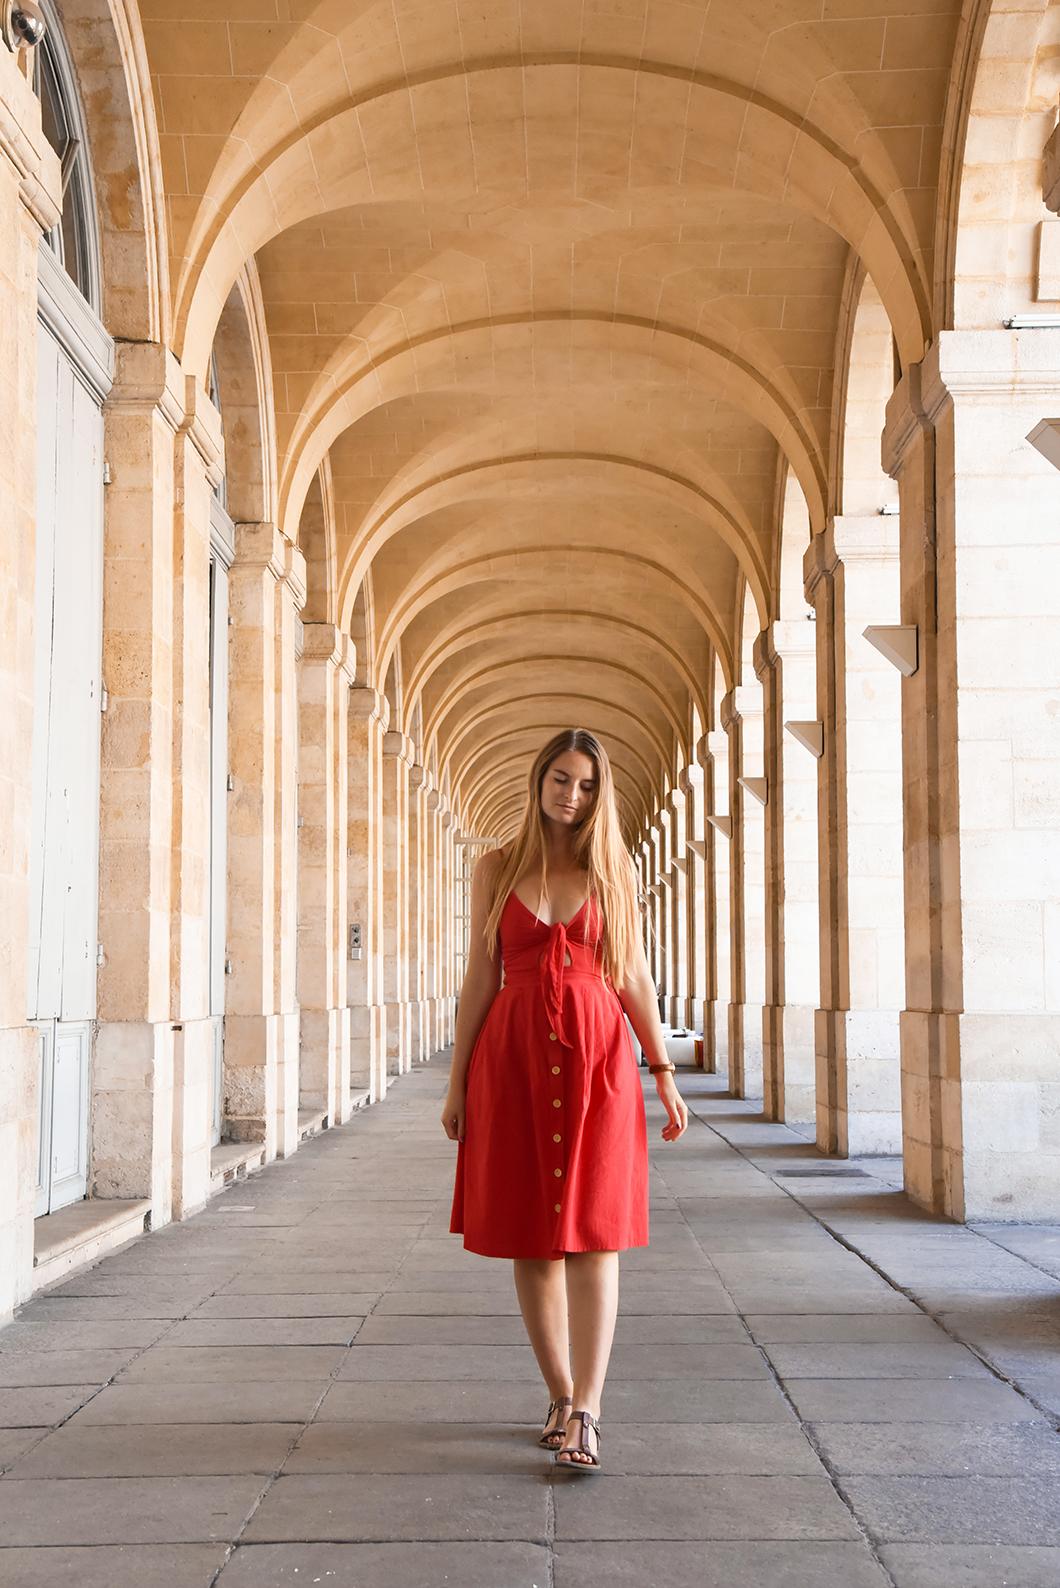 Visiter l'Opéra National de Bordeaux, incontournable à Bordeaux